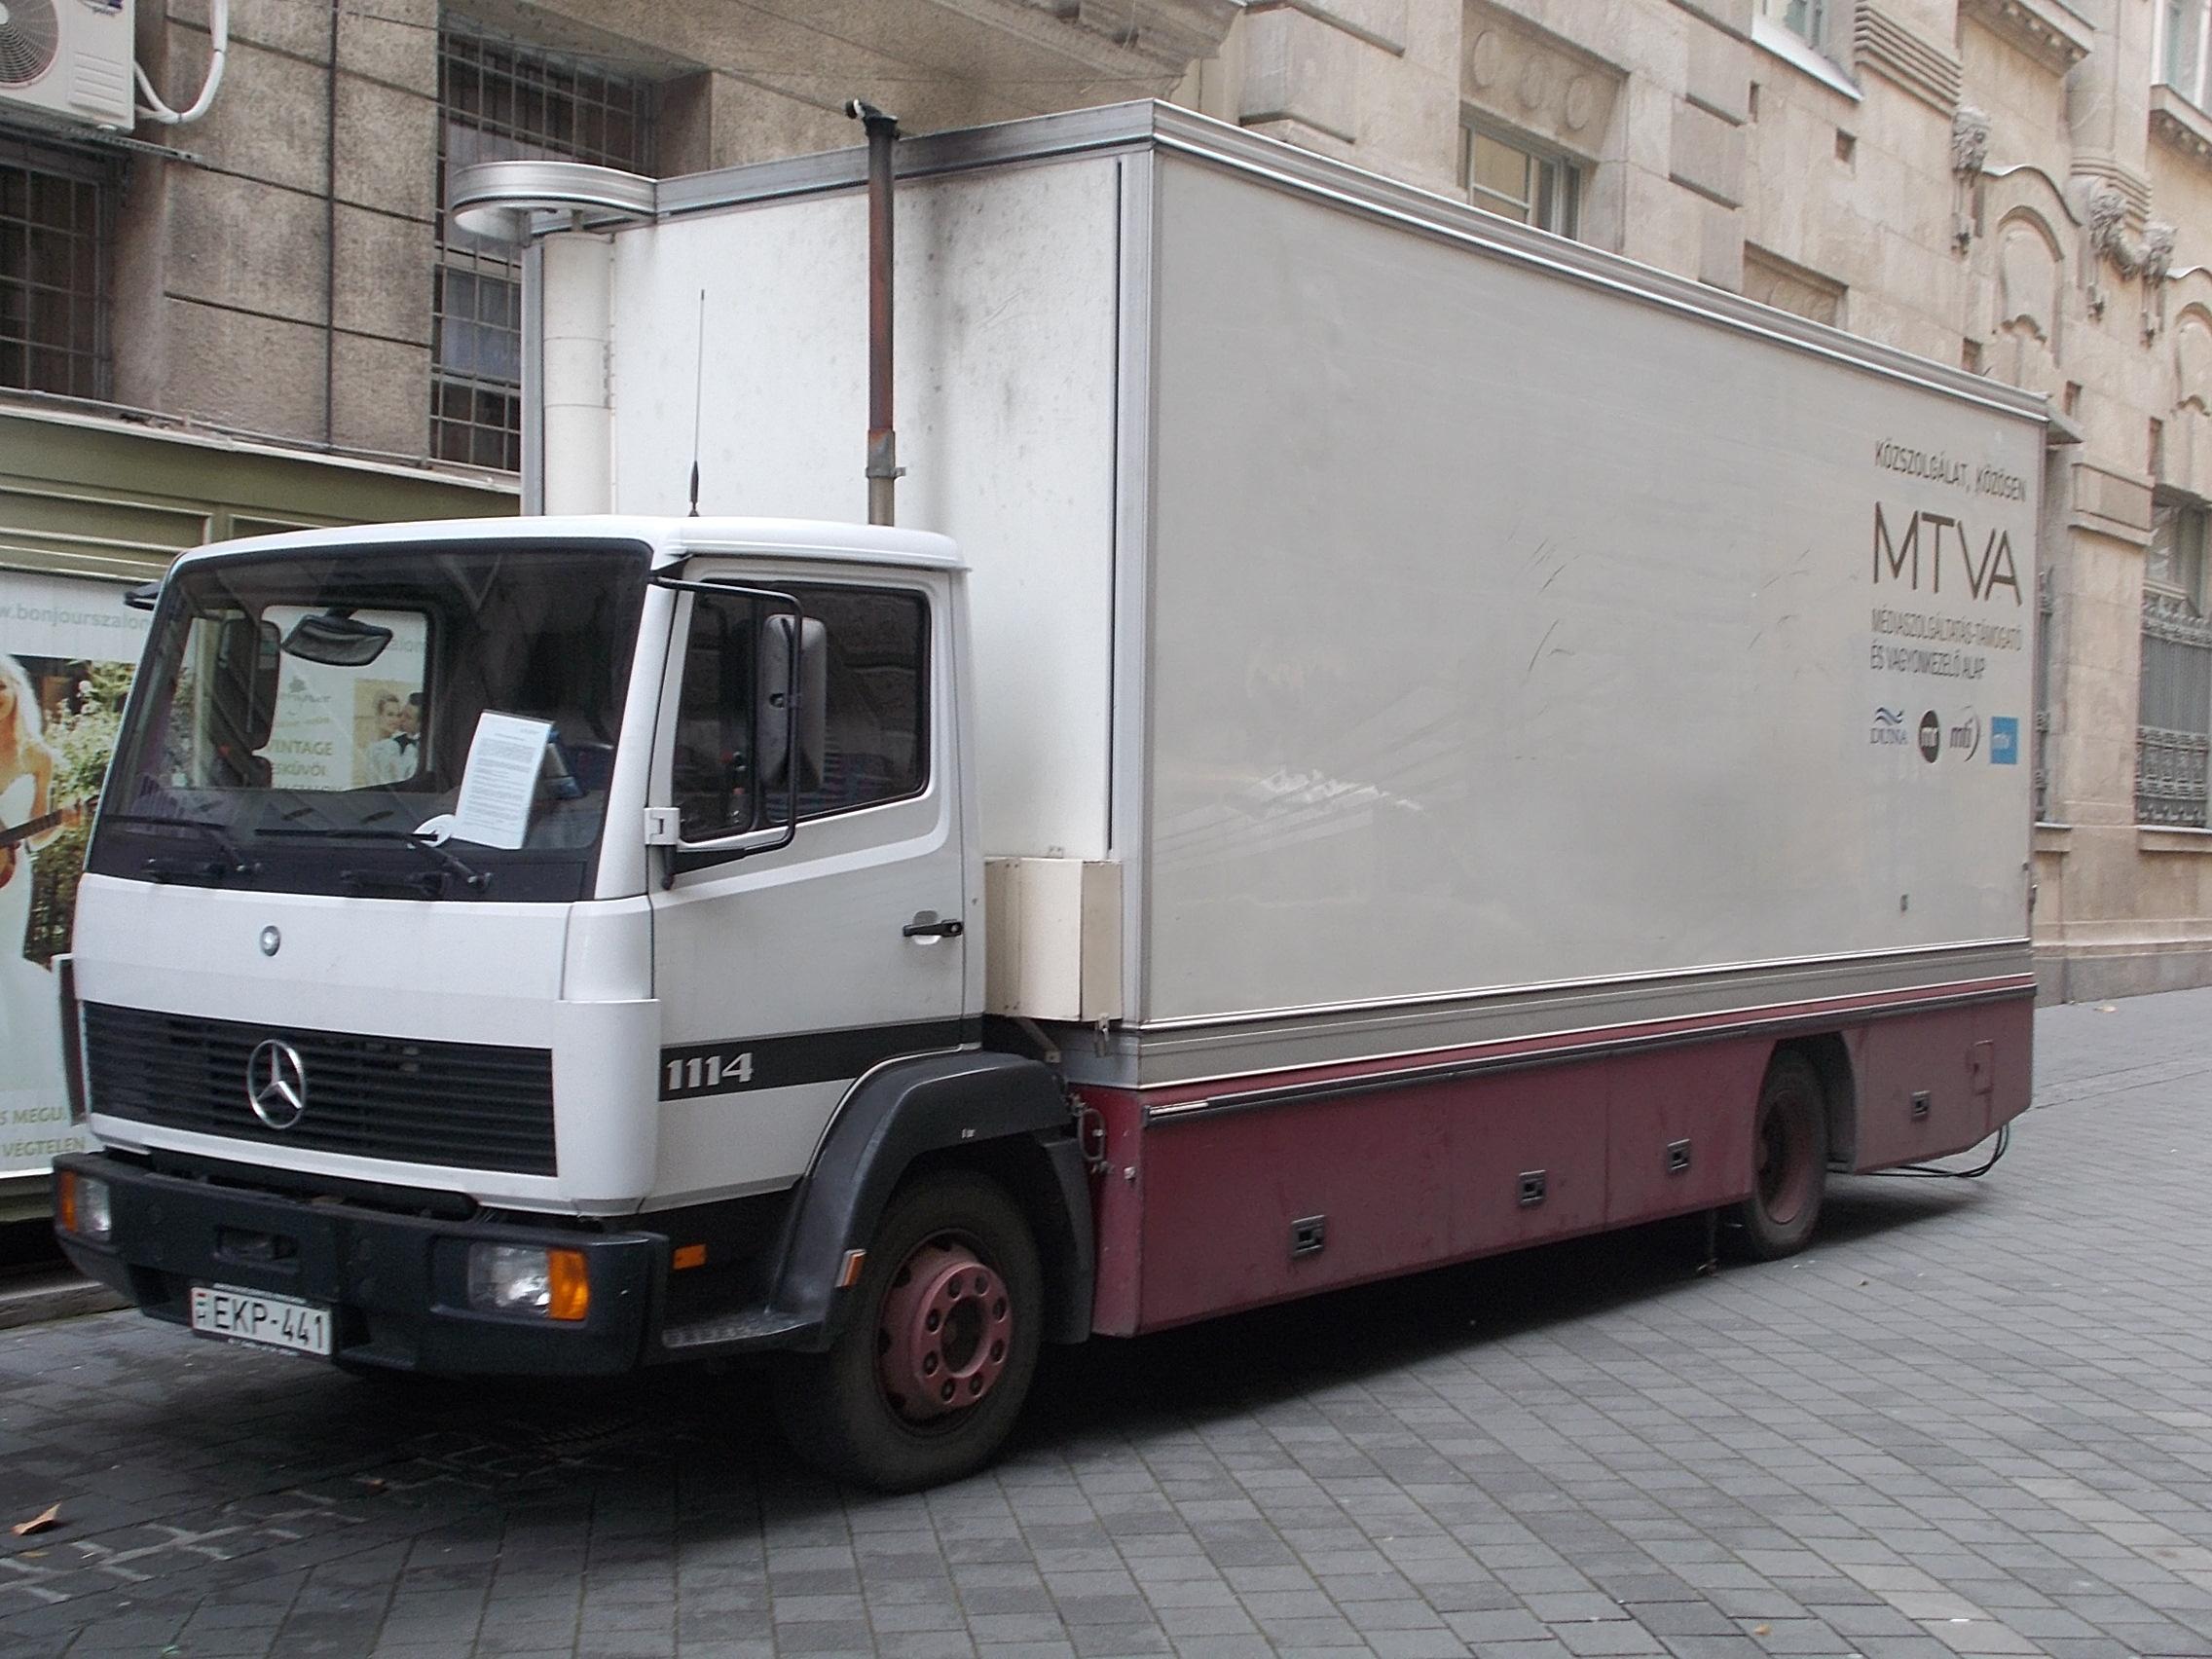 File:Mercedes-Benz 1114 közvetítőkocsi a Liszt Ferenc Zeneakadémiánál,  Dohnányi utca, 2016